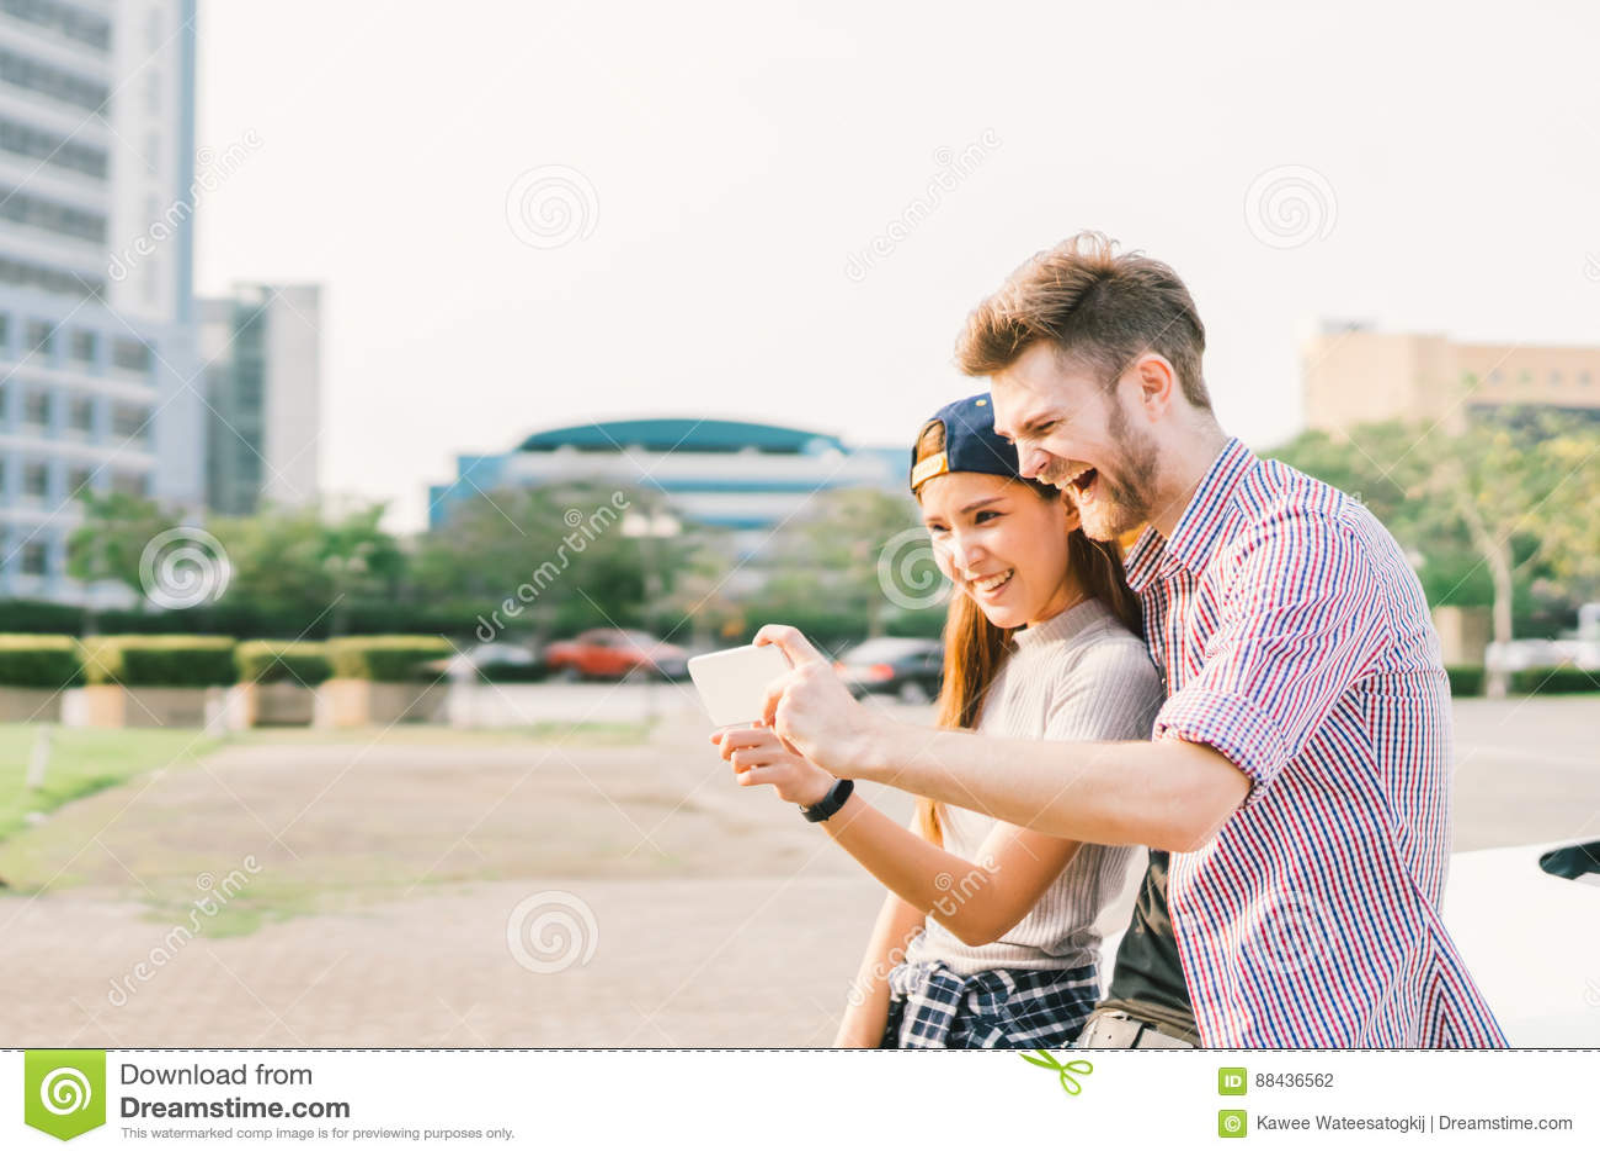 Szczęśliwa wieloetniczna para bierze selfie podczas zmierzchu w mieście, zabawie i technologii pojęciu, ono uśmiecha się, miłości